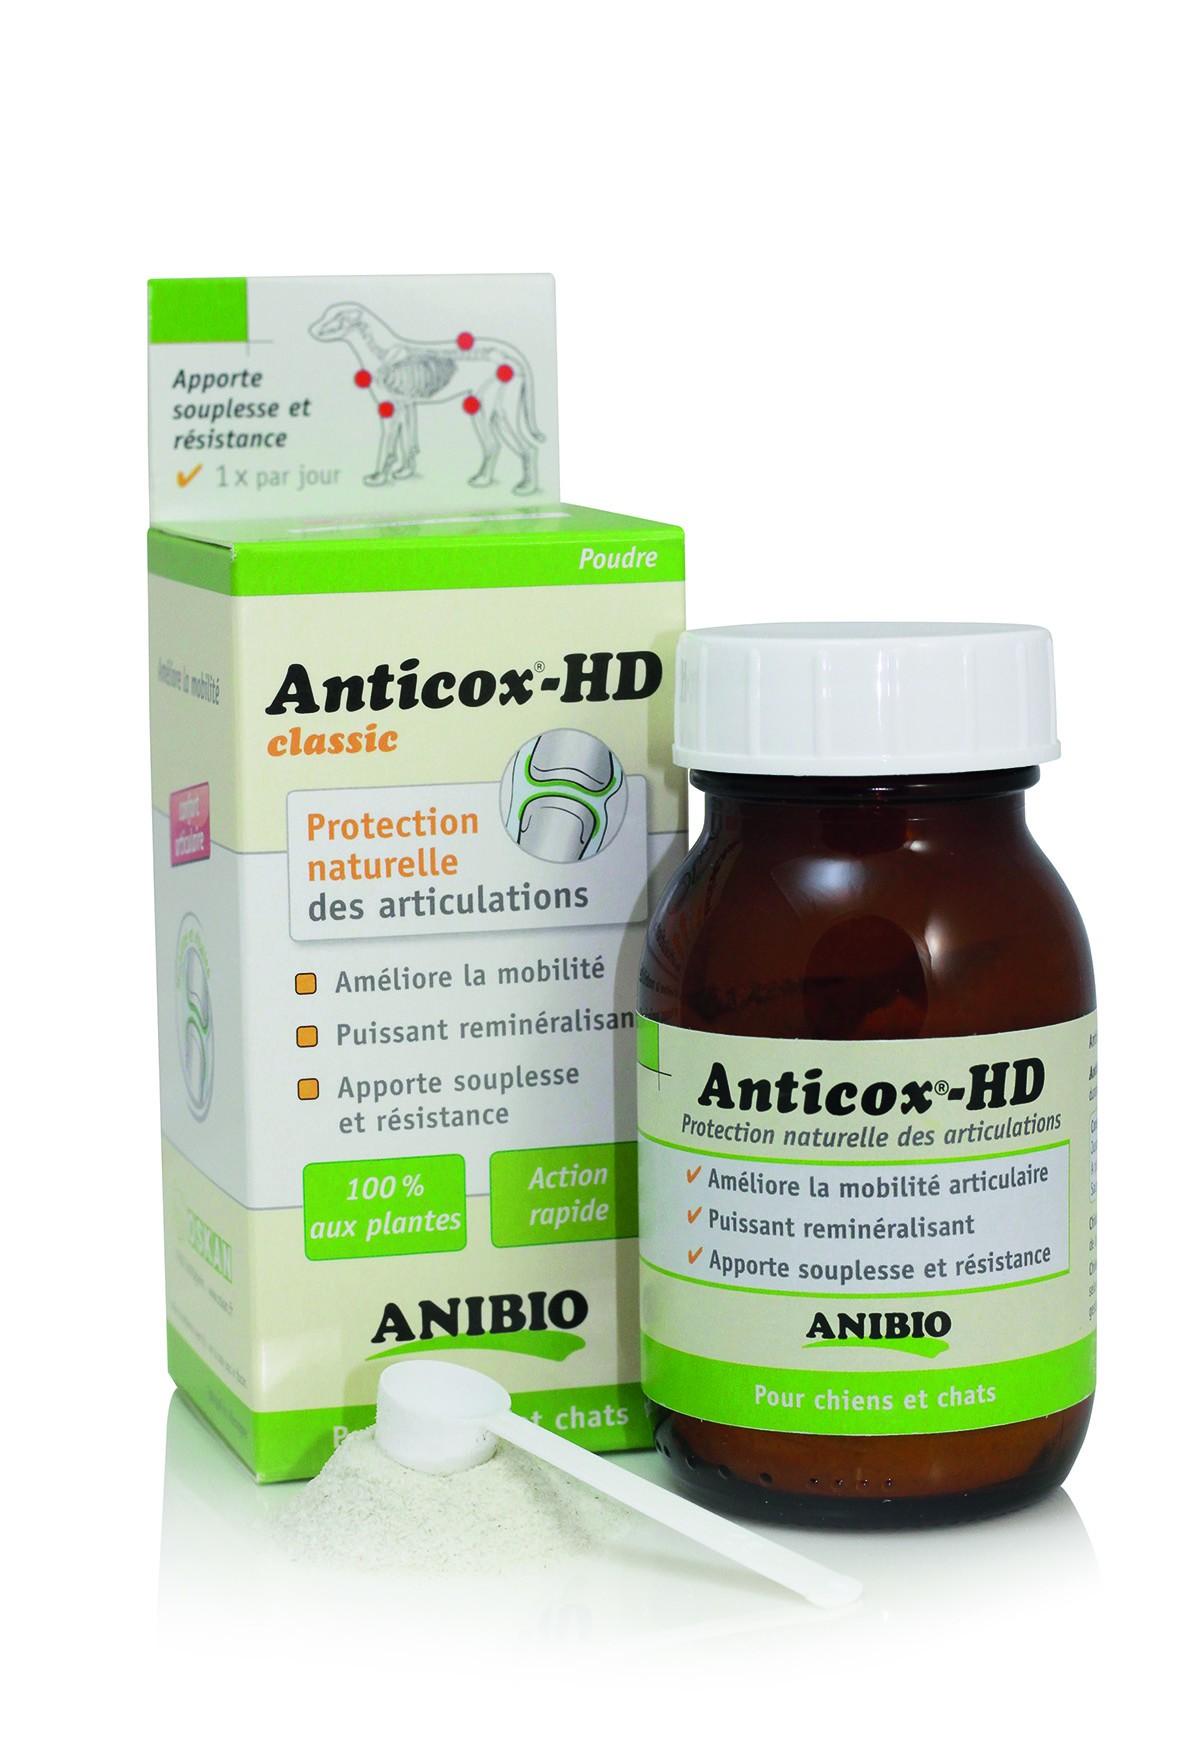 Anibio - Anticox pour les problèmes articulaires